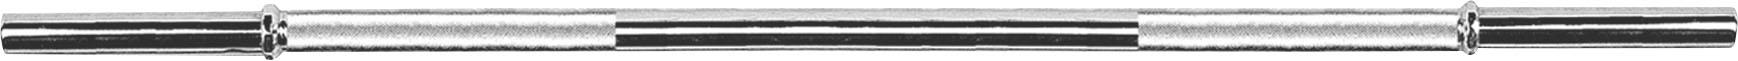 Μπάρα με ίσιο κολάρο Φ28mmx180cm, 9kg